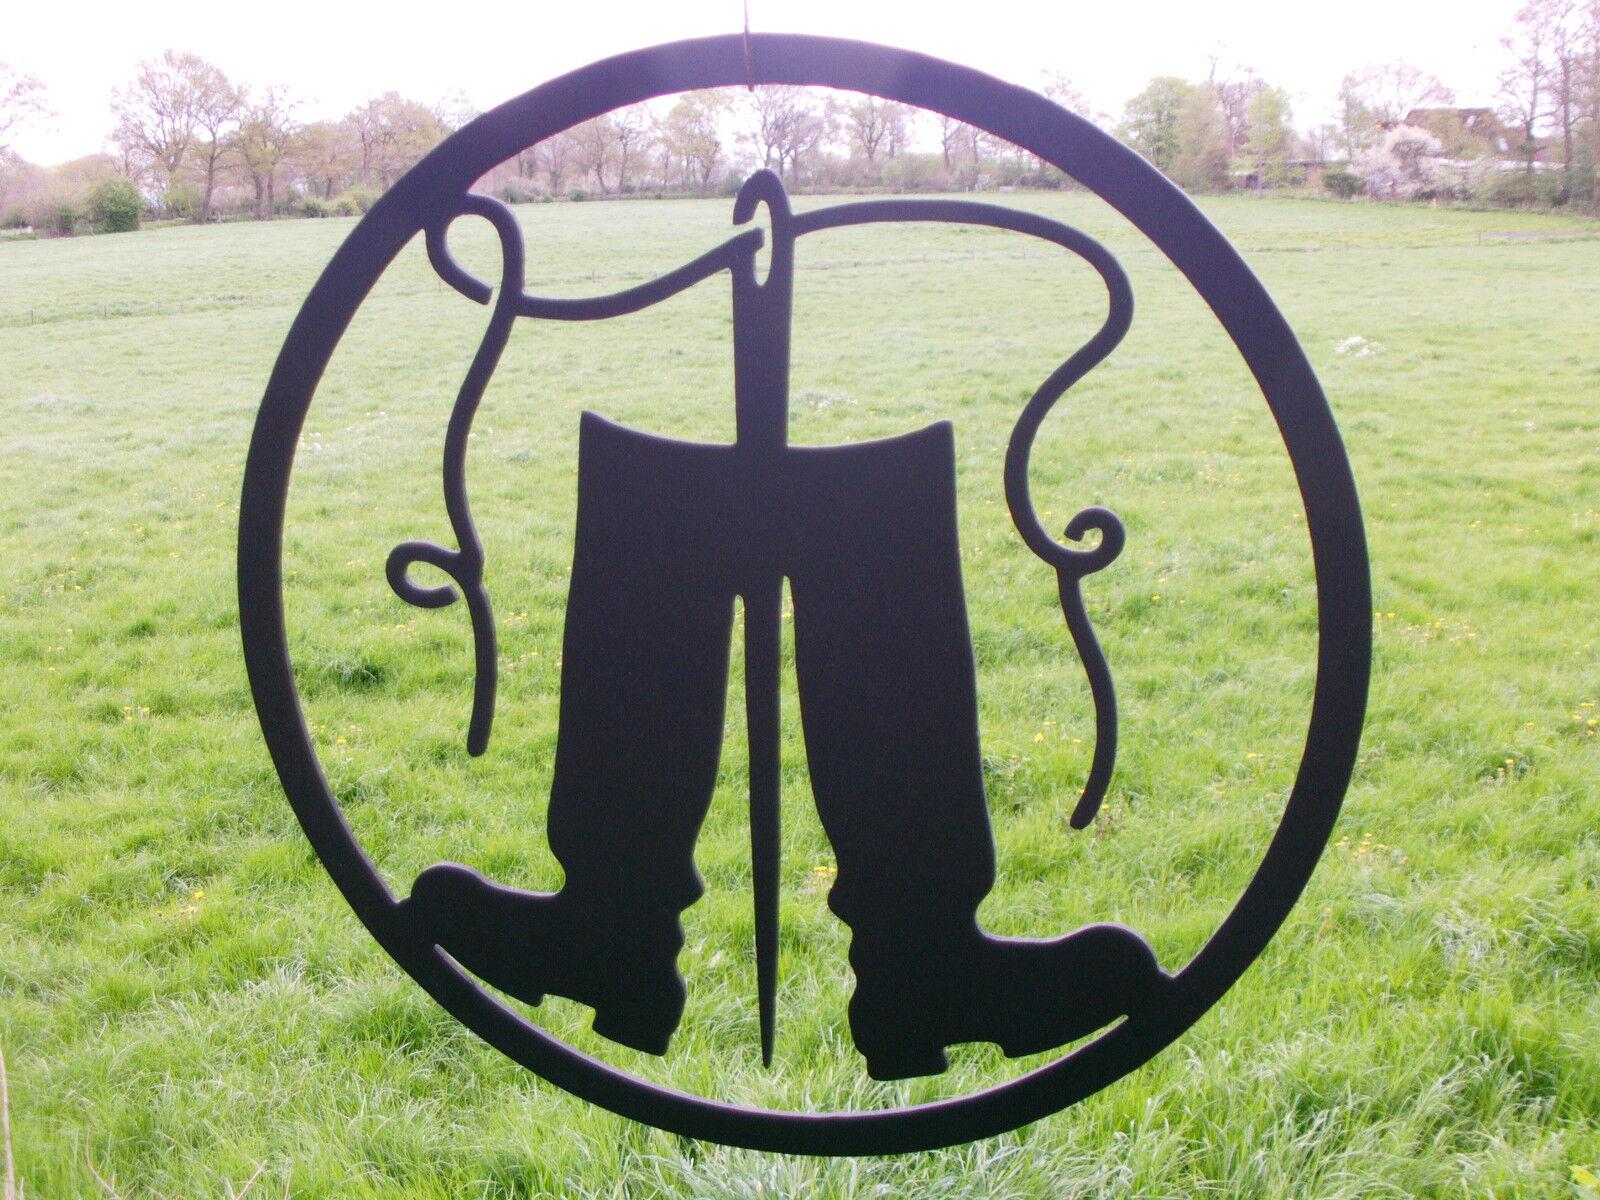 SCHUSTER,das Zunftzeichen aus aus aus 3mm STAHL,D=40cm,Handwerkerzeichen,Innungsschild 2fe248